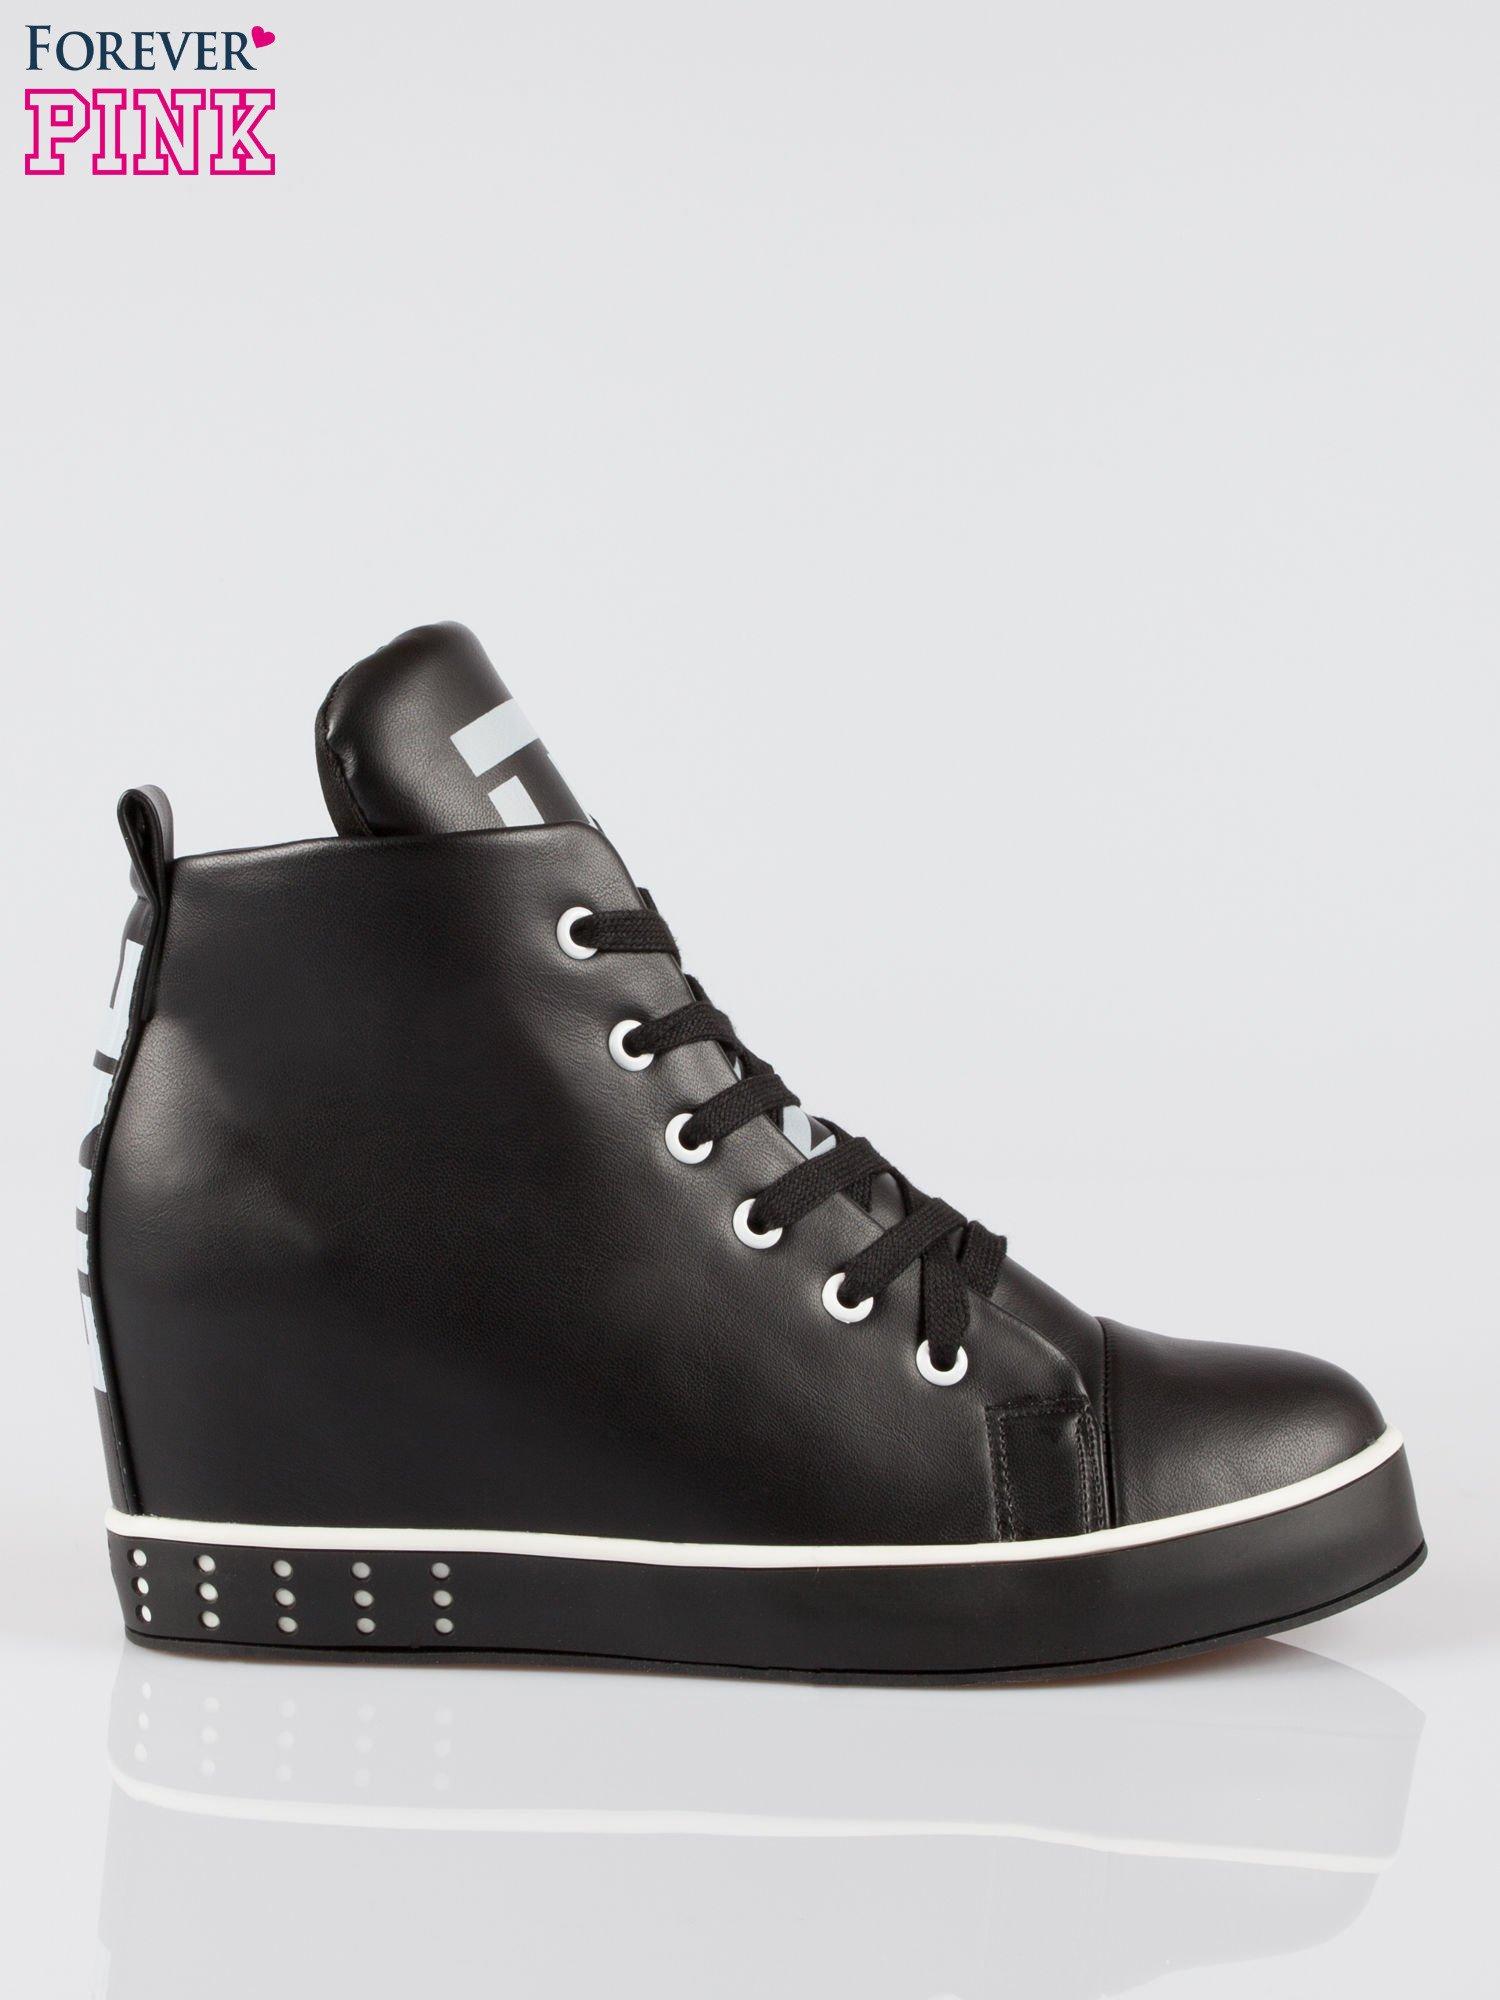 Czarne trampki na koturnie sneakersy z nadrukiem tekstowym                                  zdj.                                  1